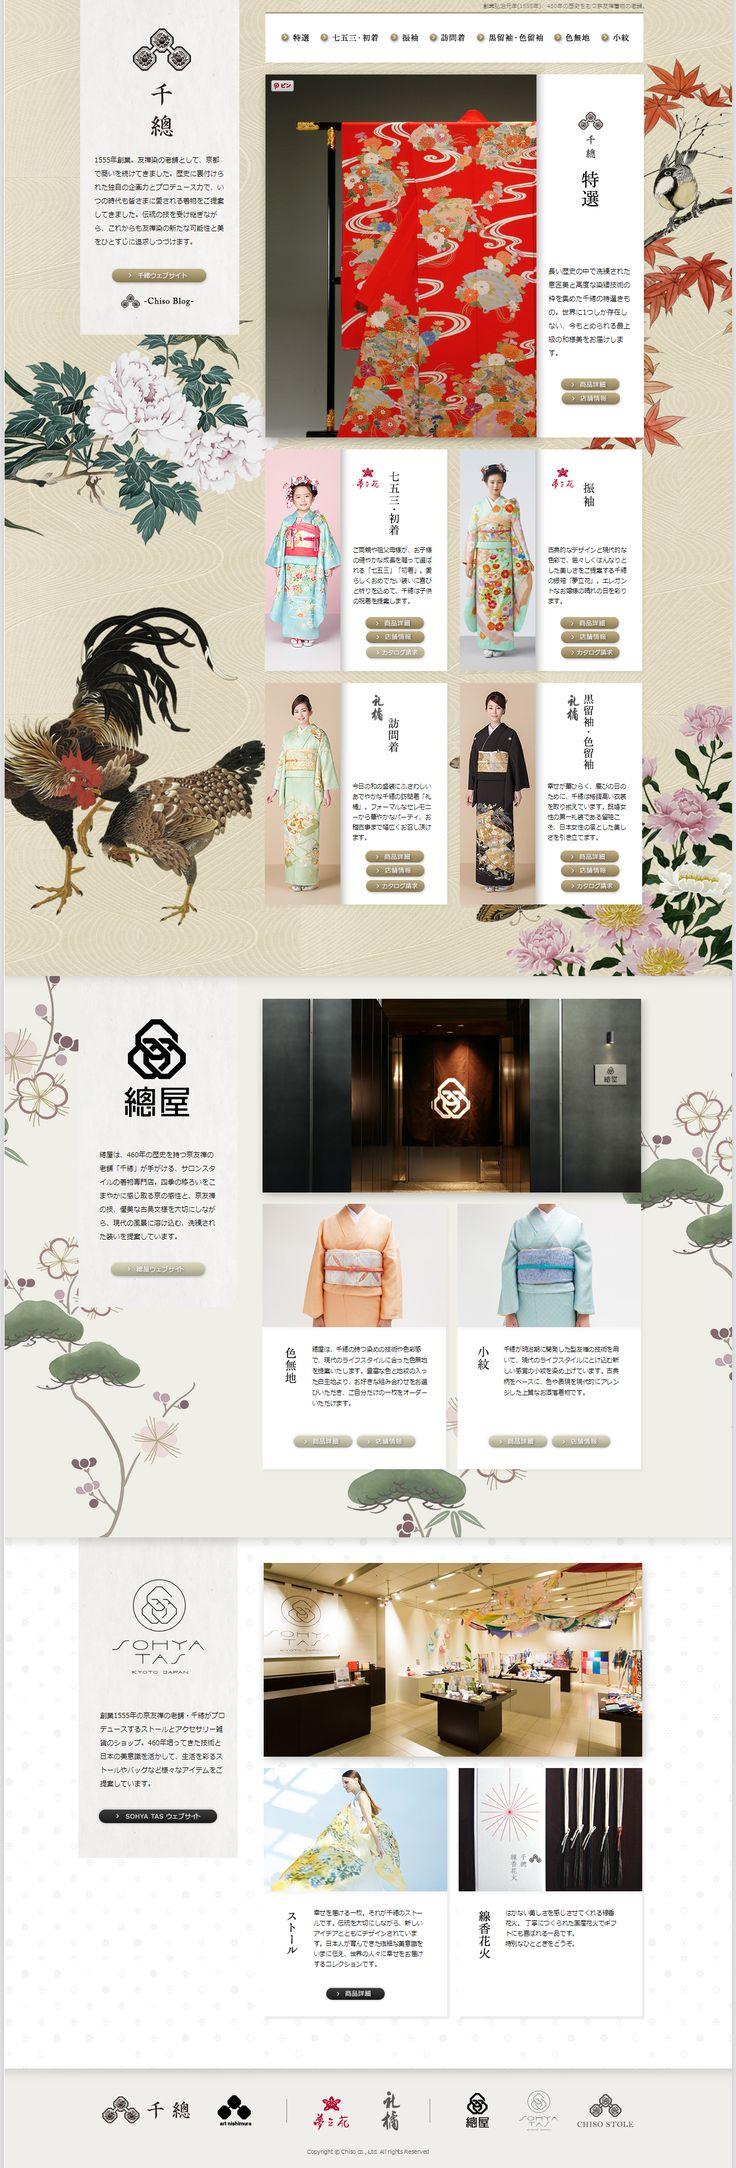 http://www.chiso.co.jp/